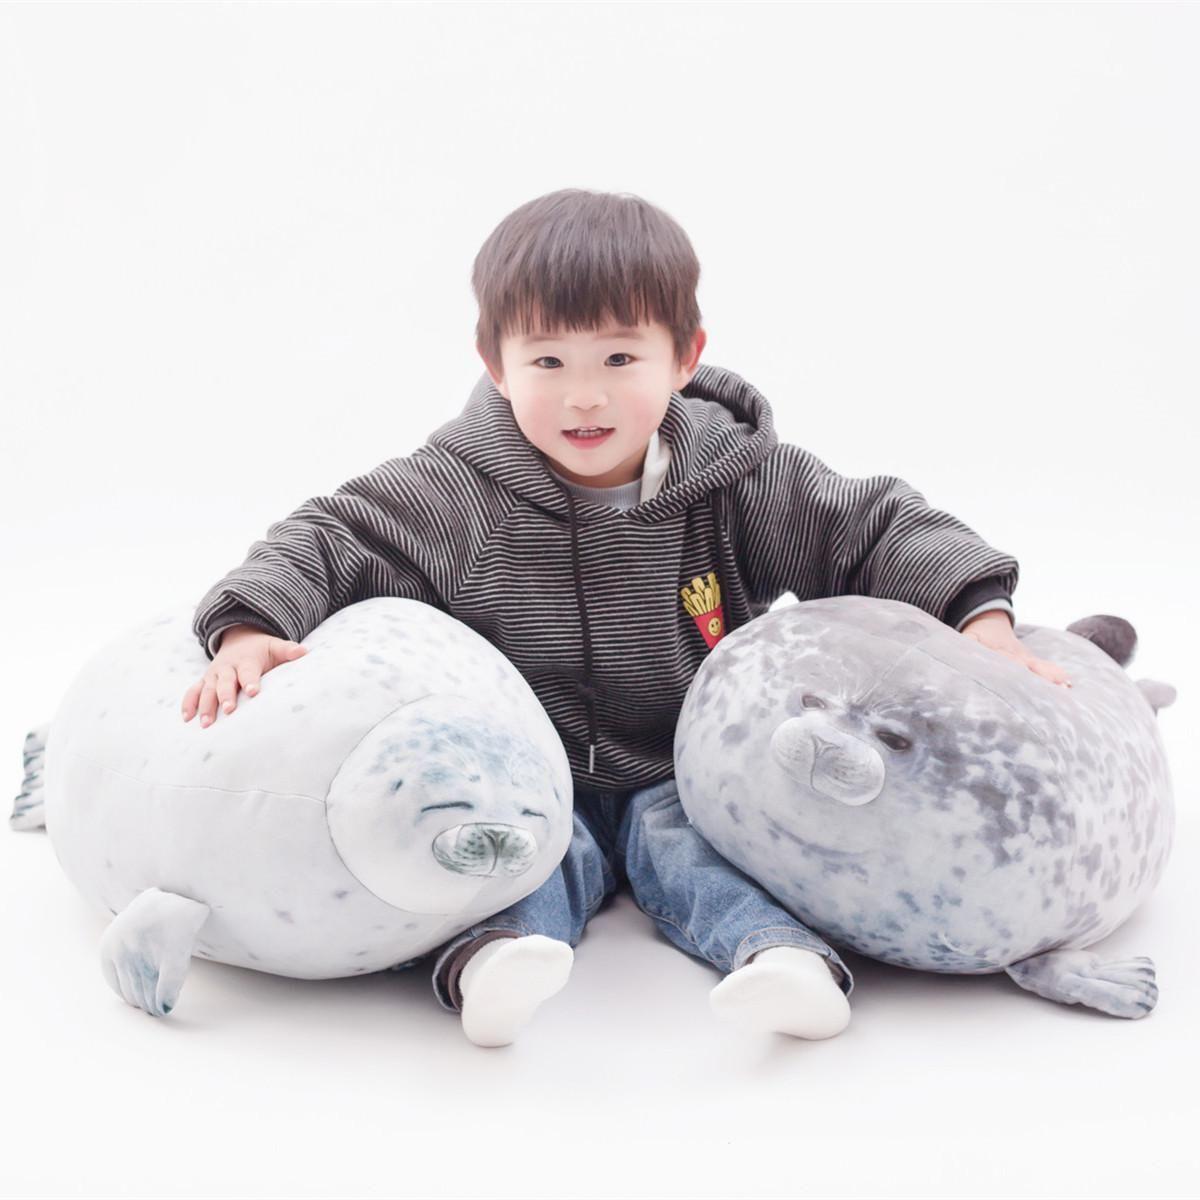 Netter 80cm Super Soft Sea Dog Seals Puppe-Plüsch-Spielzeug, unten Cotton Kissen-Kissen, Ornament Weihnachts Kid, Mädchen-Geburtstags-Geschenk, Dekoration 4-2